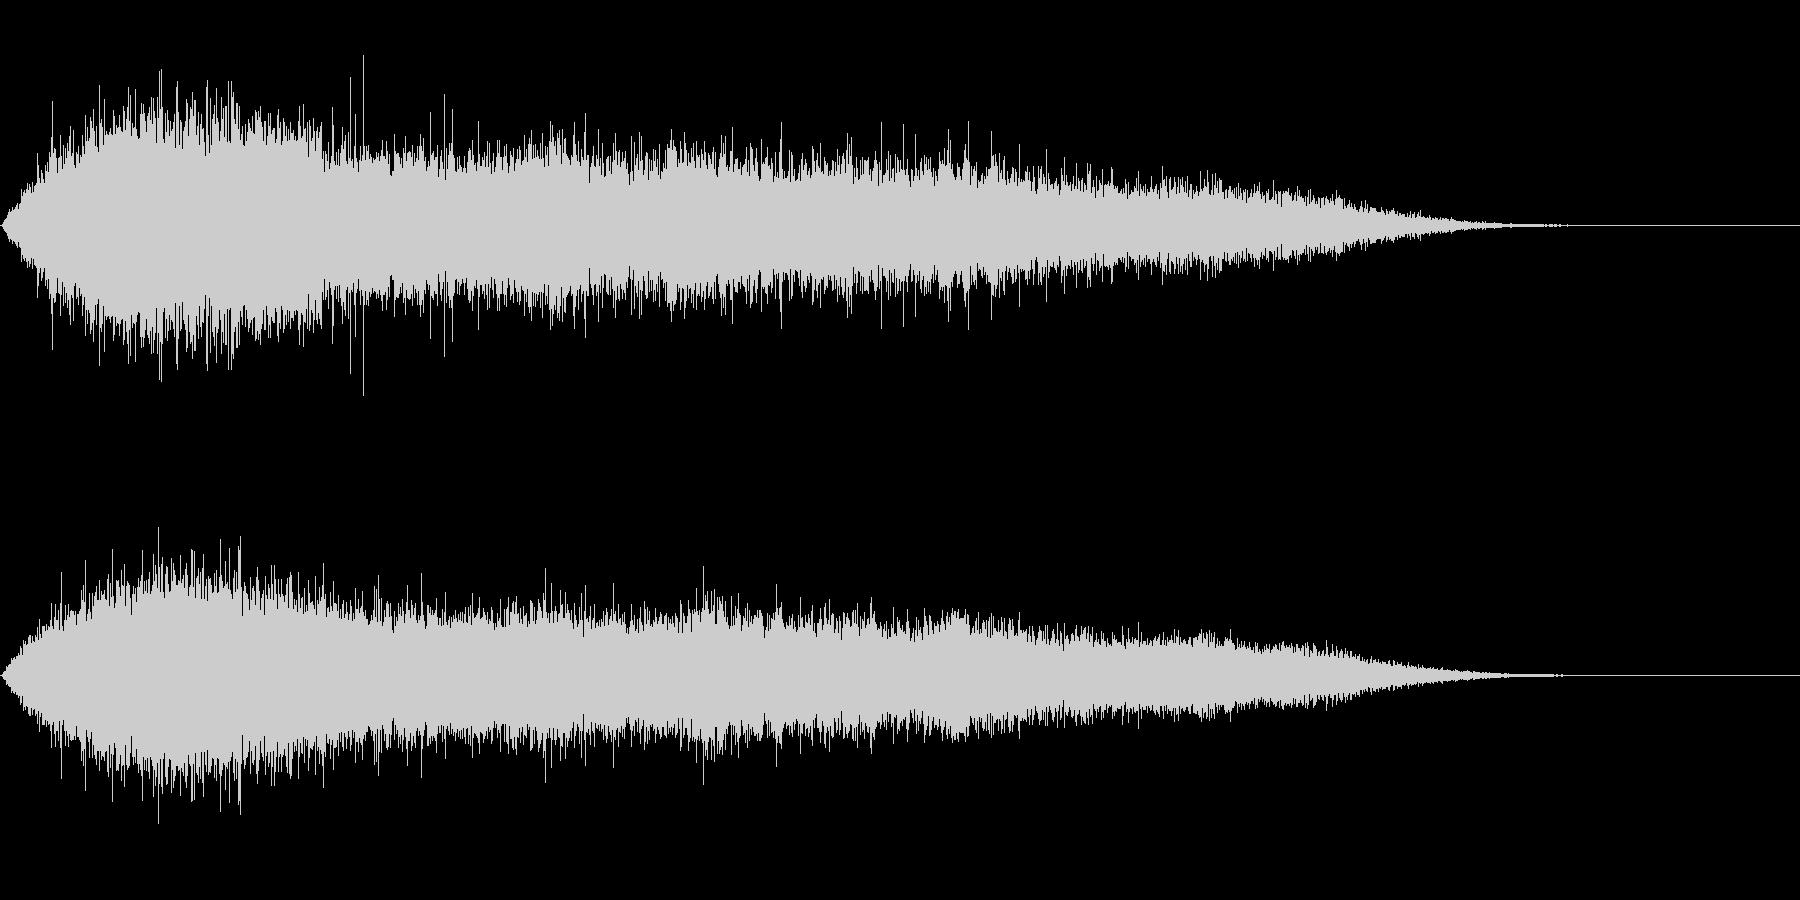 歓声5 (スタジアムなどの大歓声2)の未再生の波形